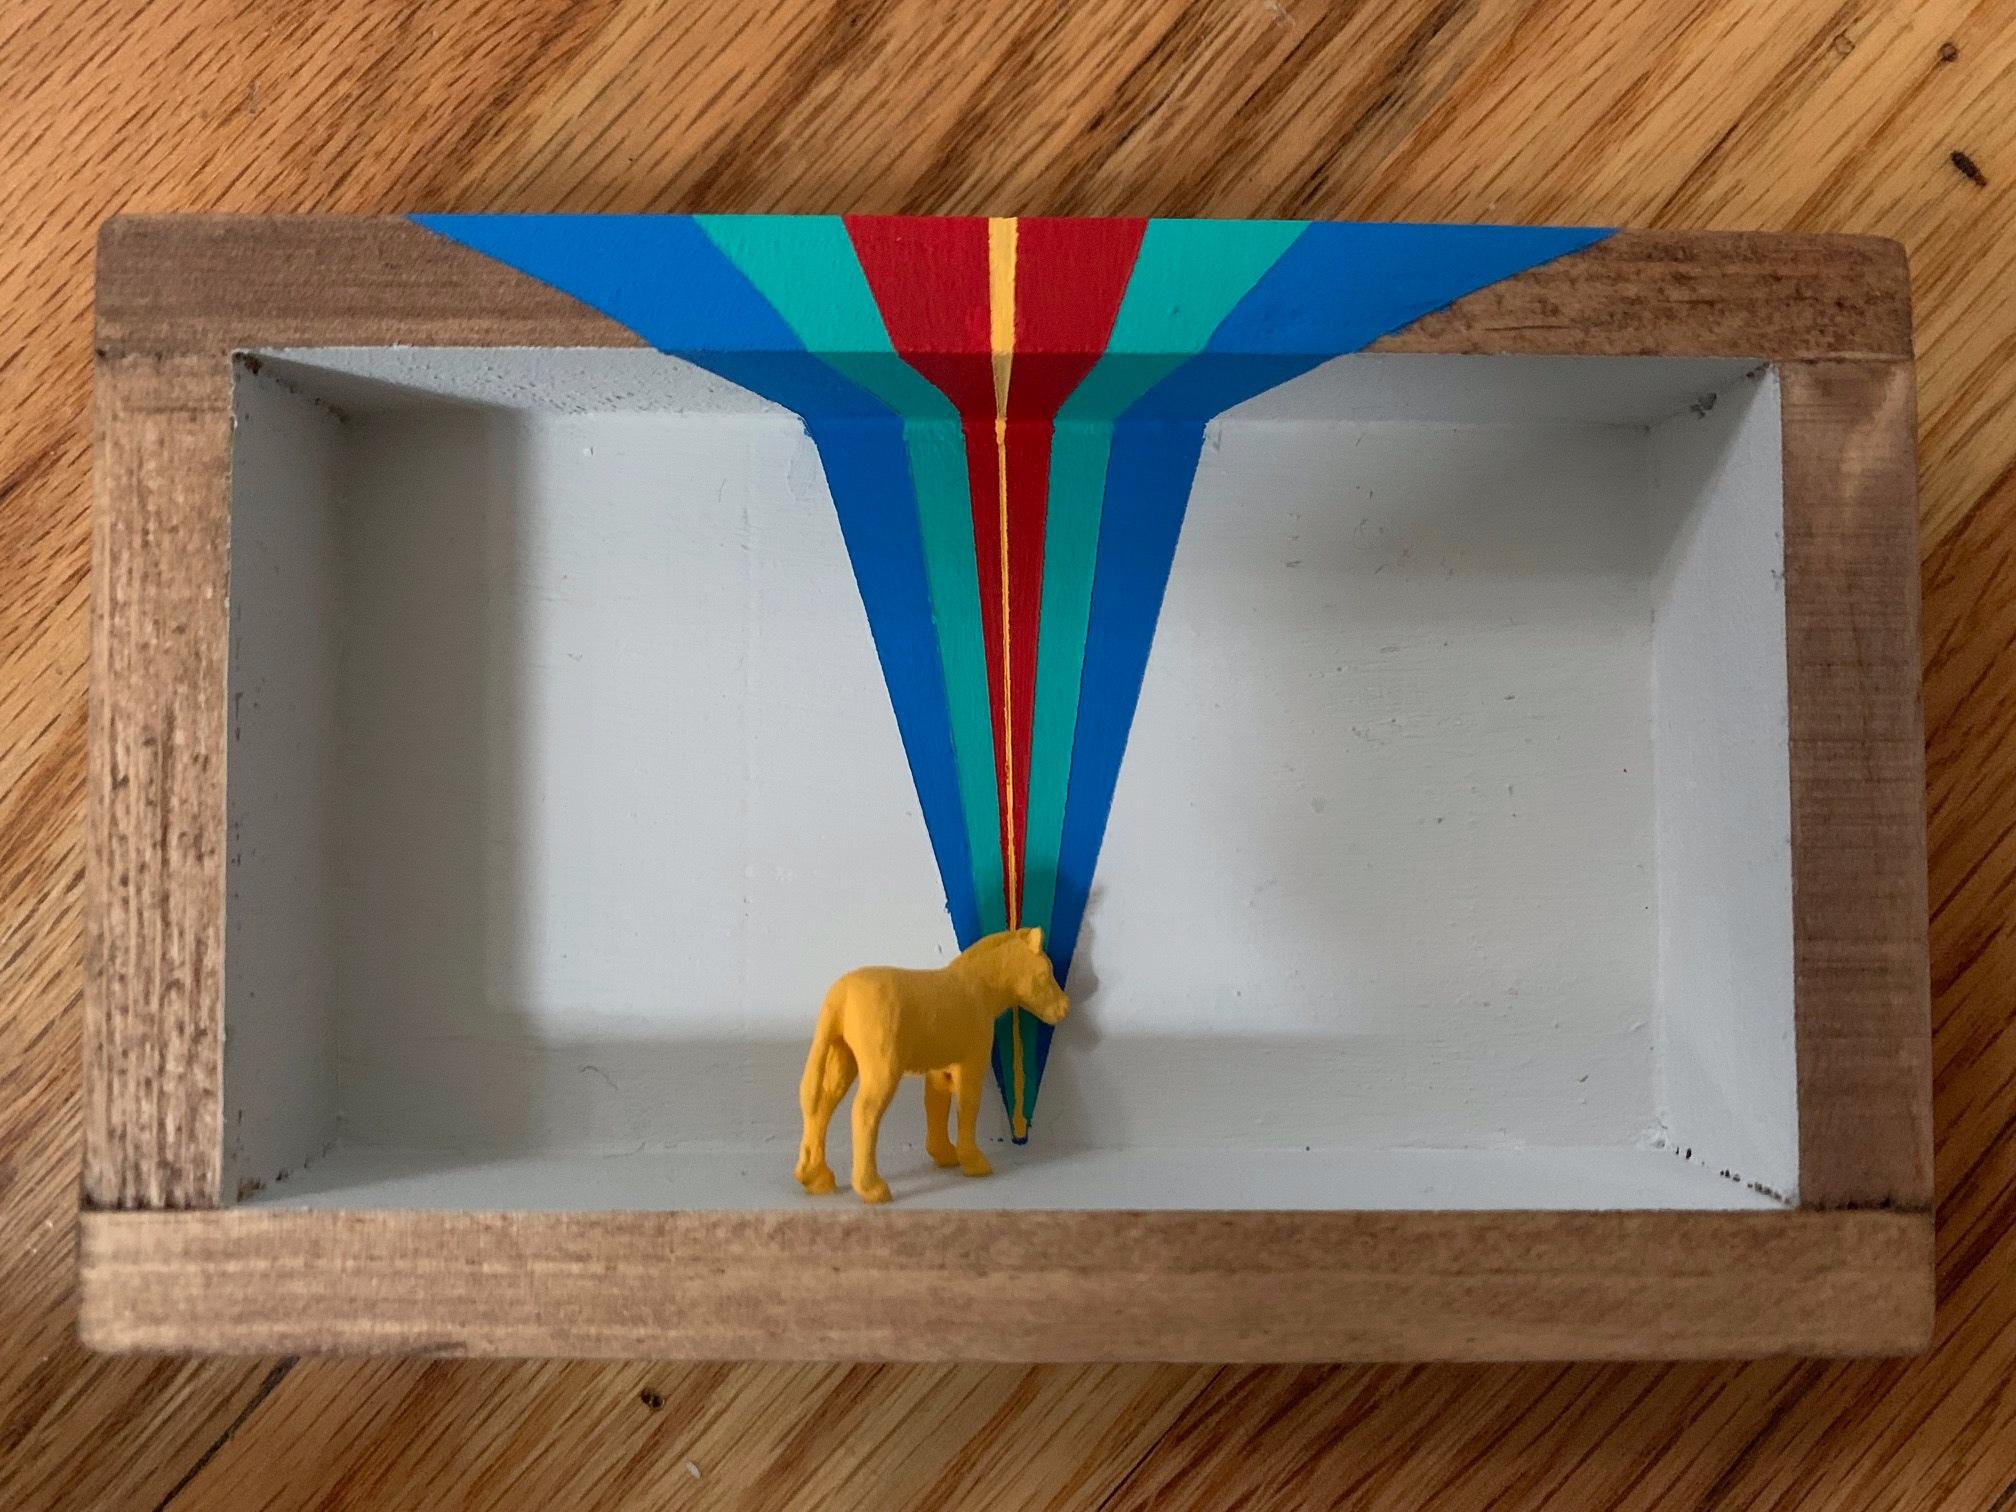 Donkey Prism - $55